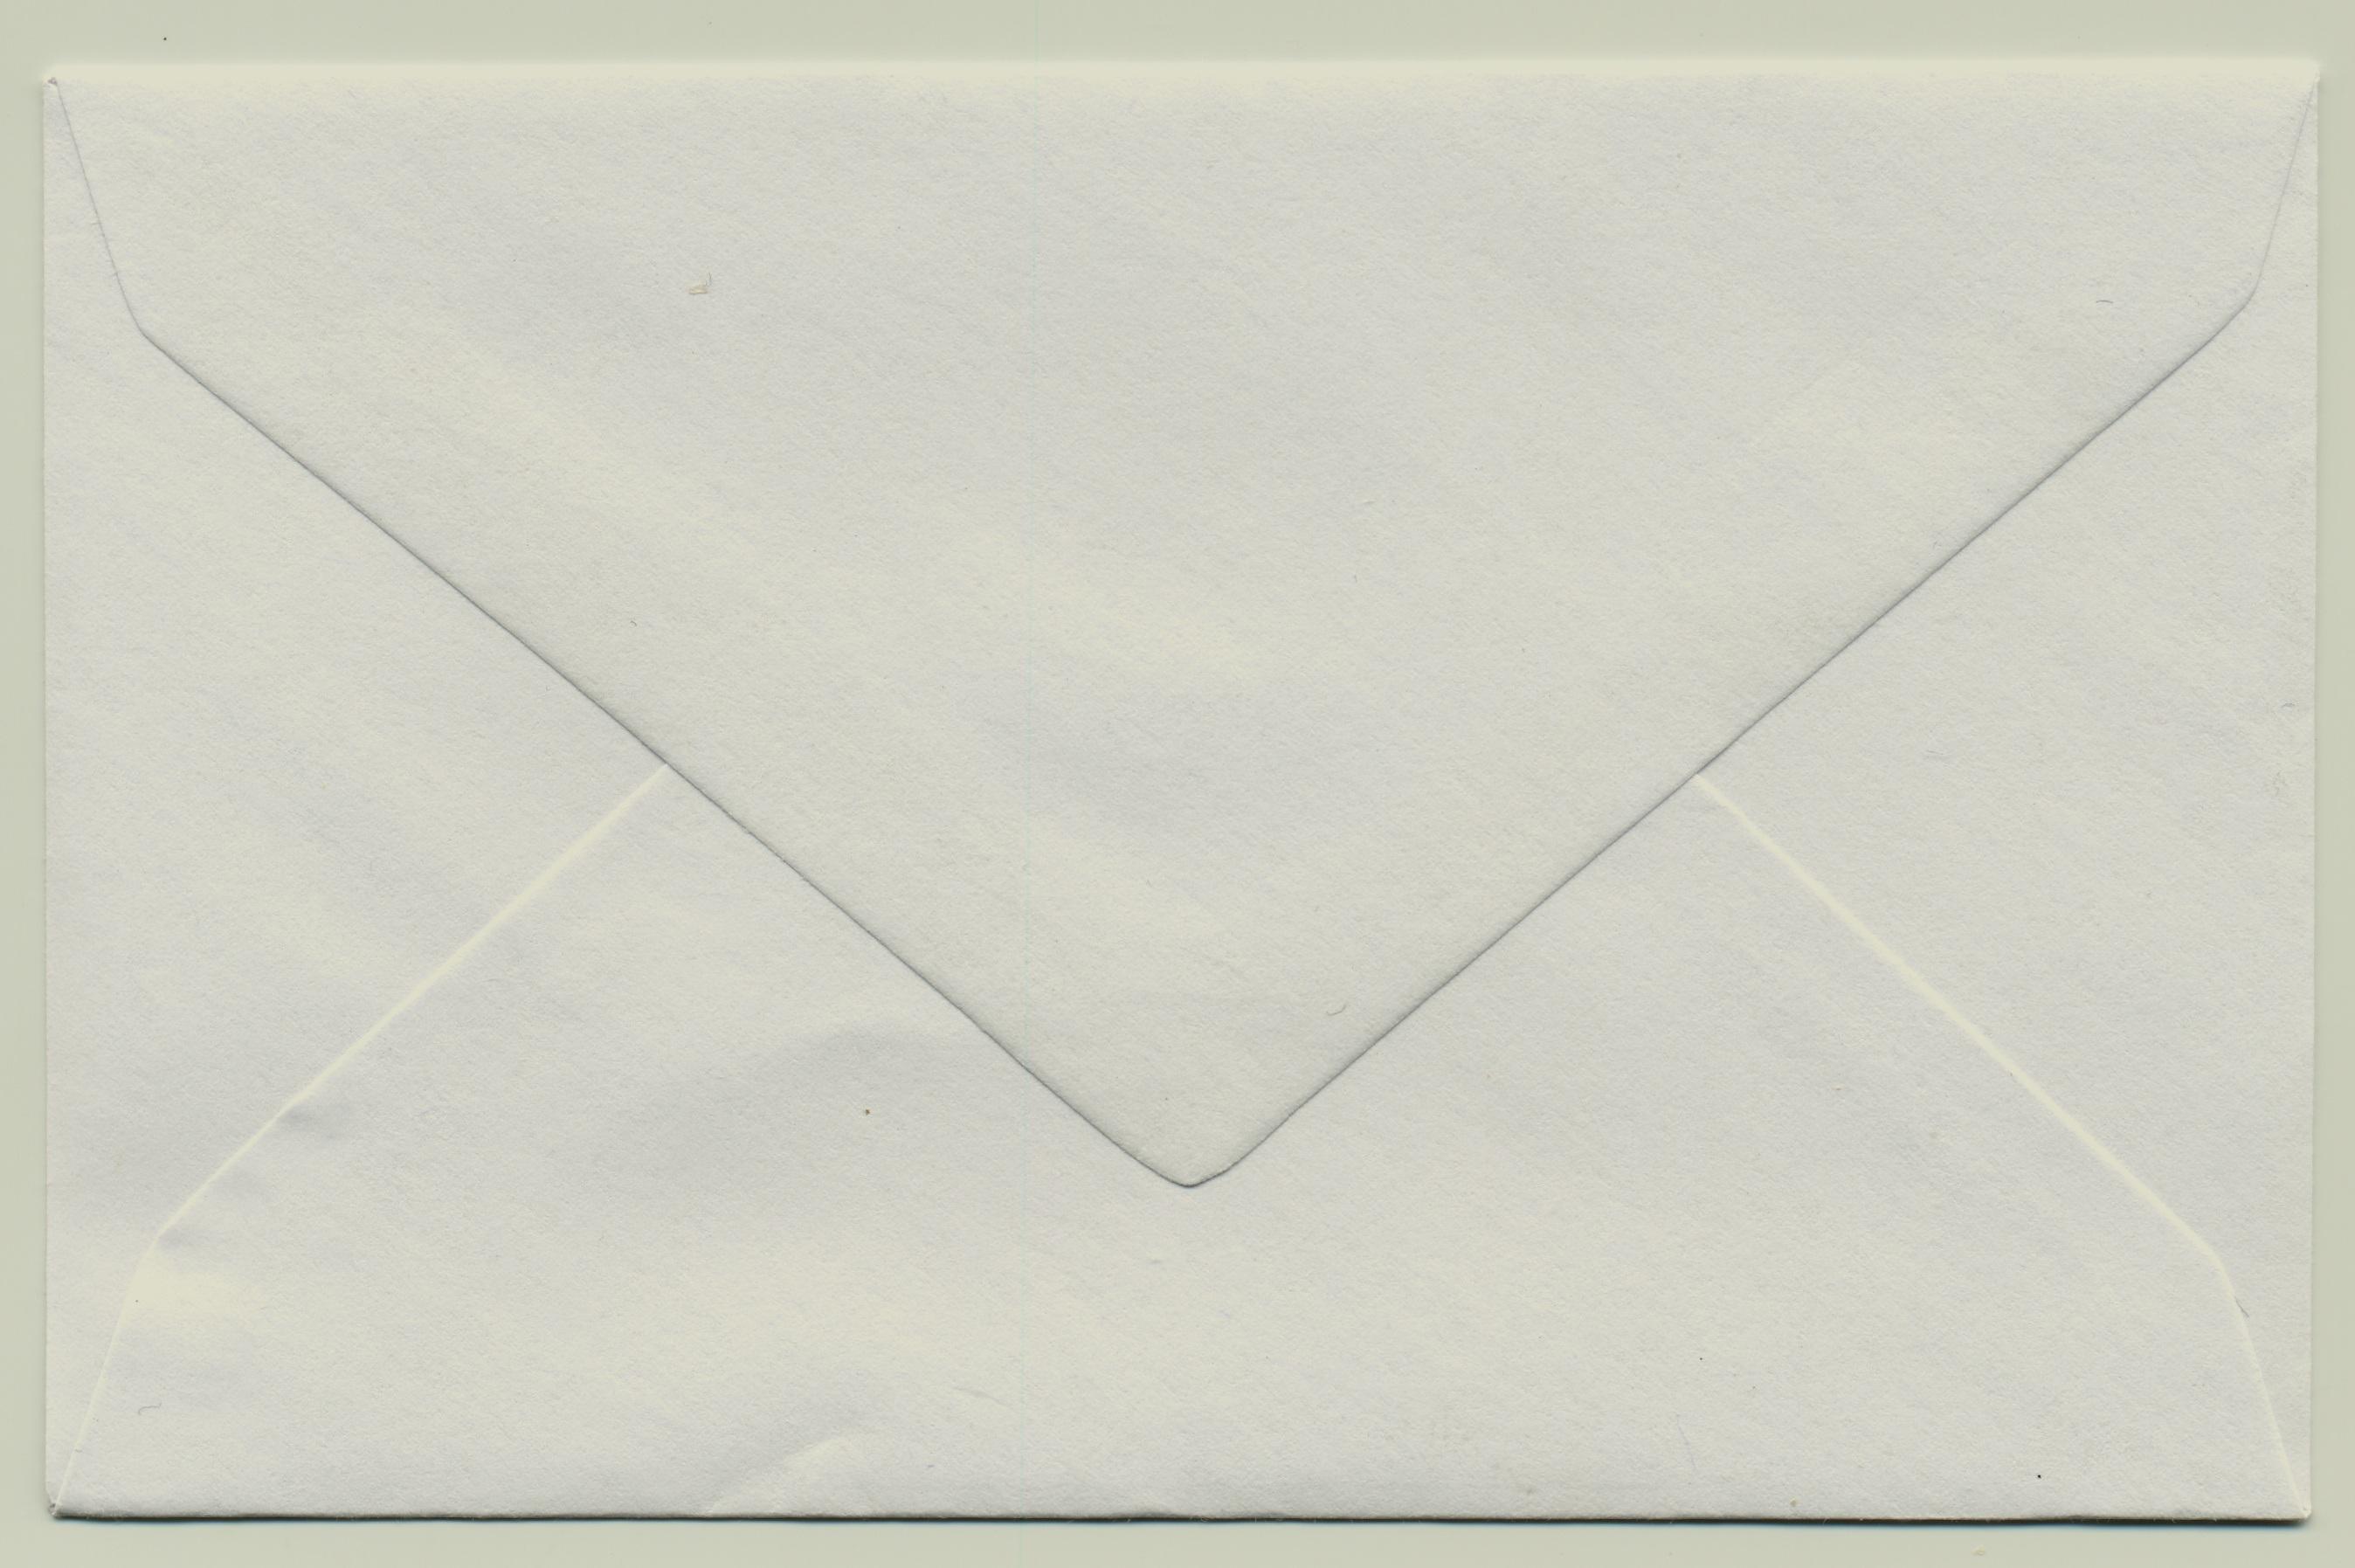 White Sealed letter envelope